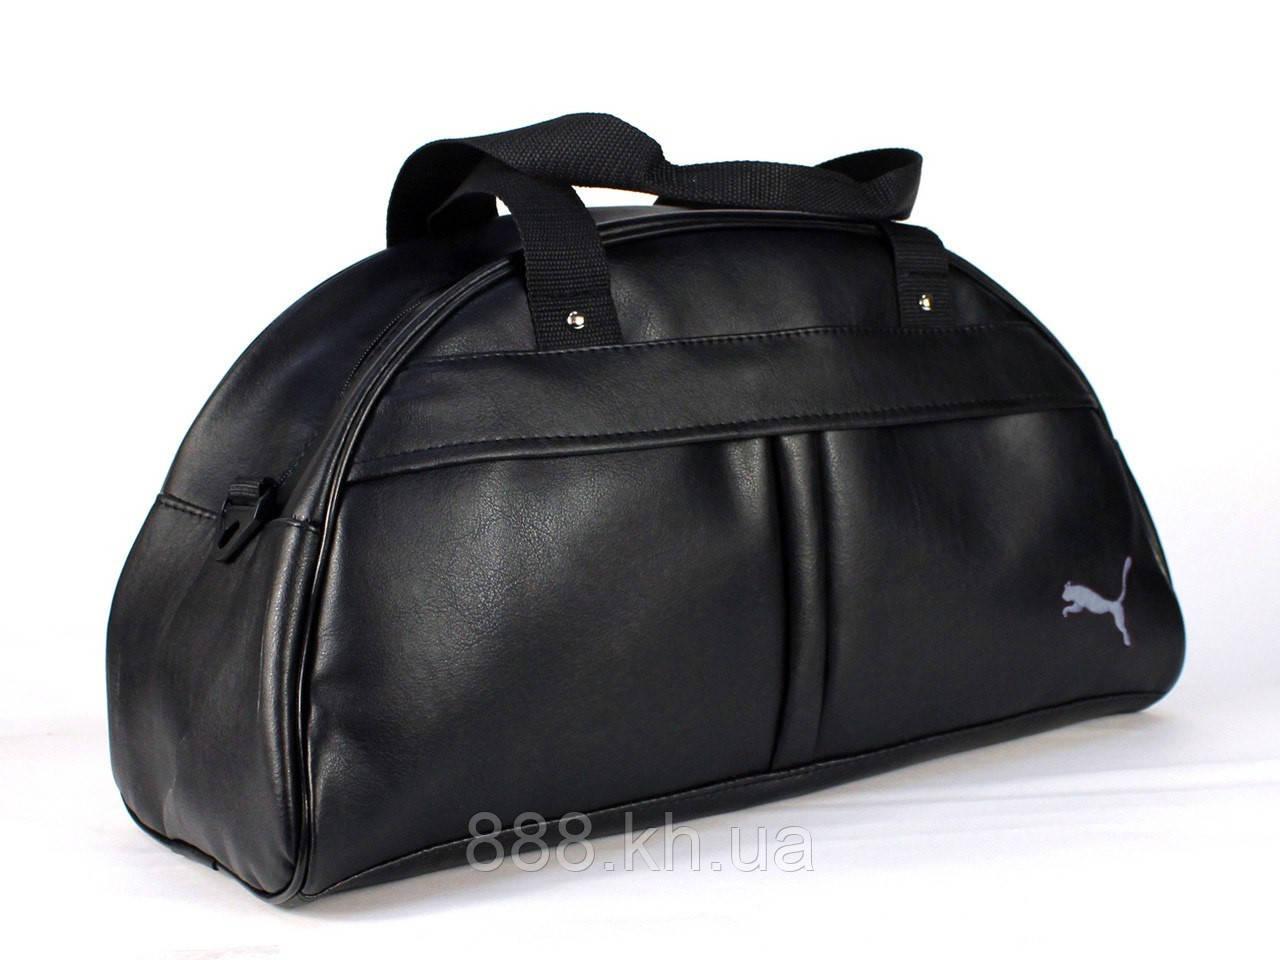 b484ff30442d Спортивная сумка Puma логотип белый реплика, цена 245 грн., купить в ...